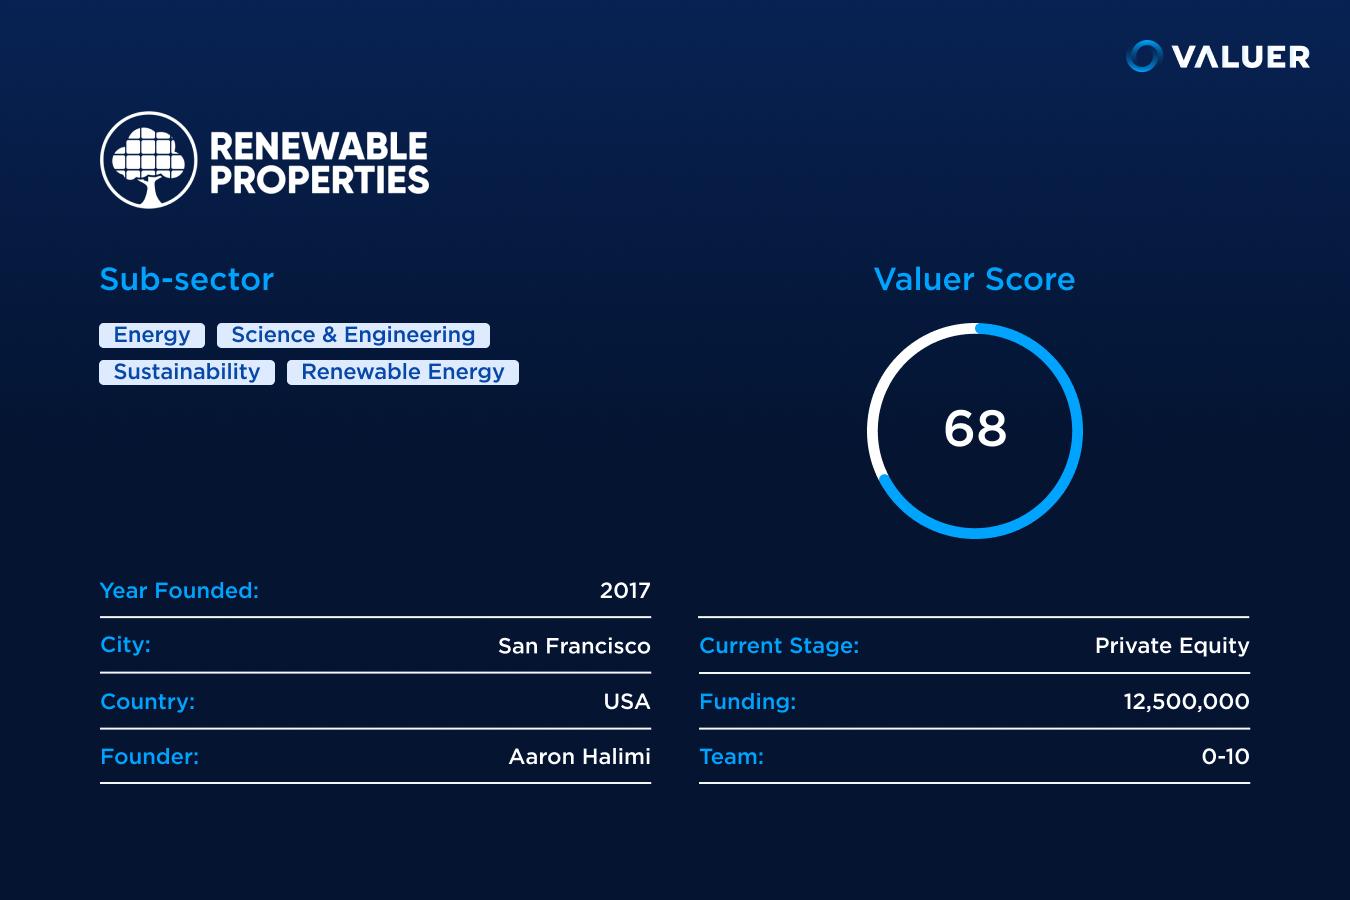 Renewable Properties